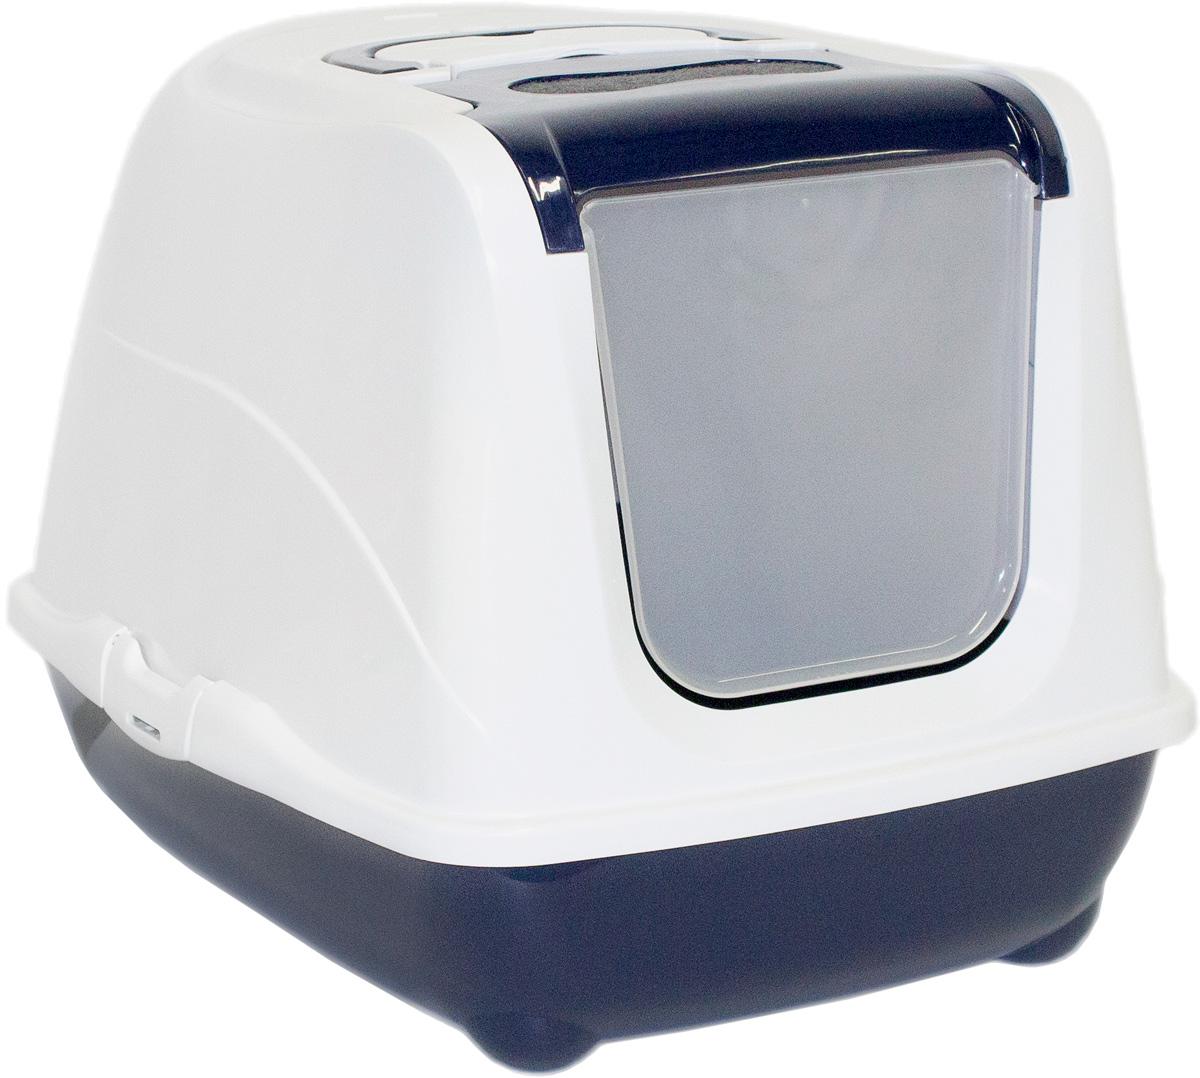 Туалет закрытый для больших кошек Moderna Flip Cat, цвет: темно-синий, 58х45х42 см14C240021